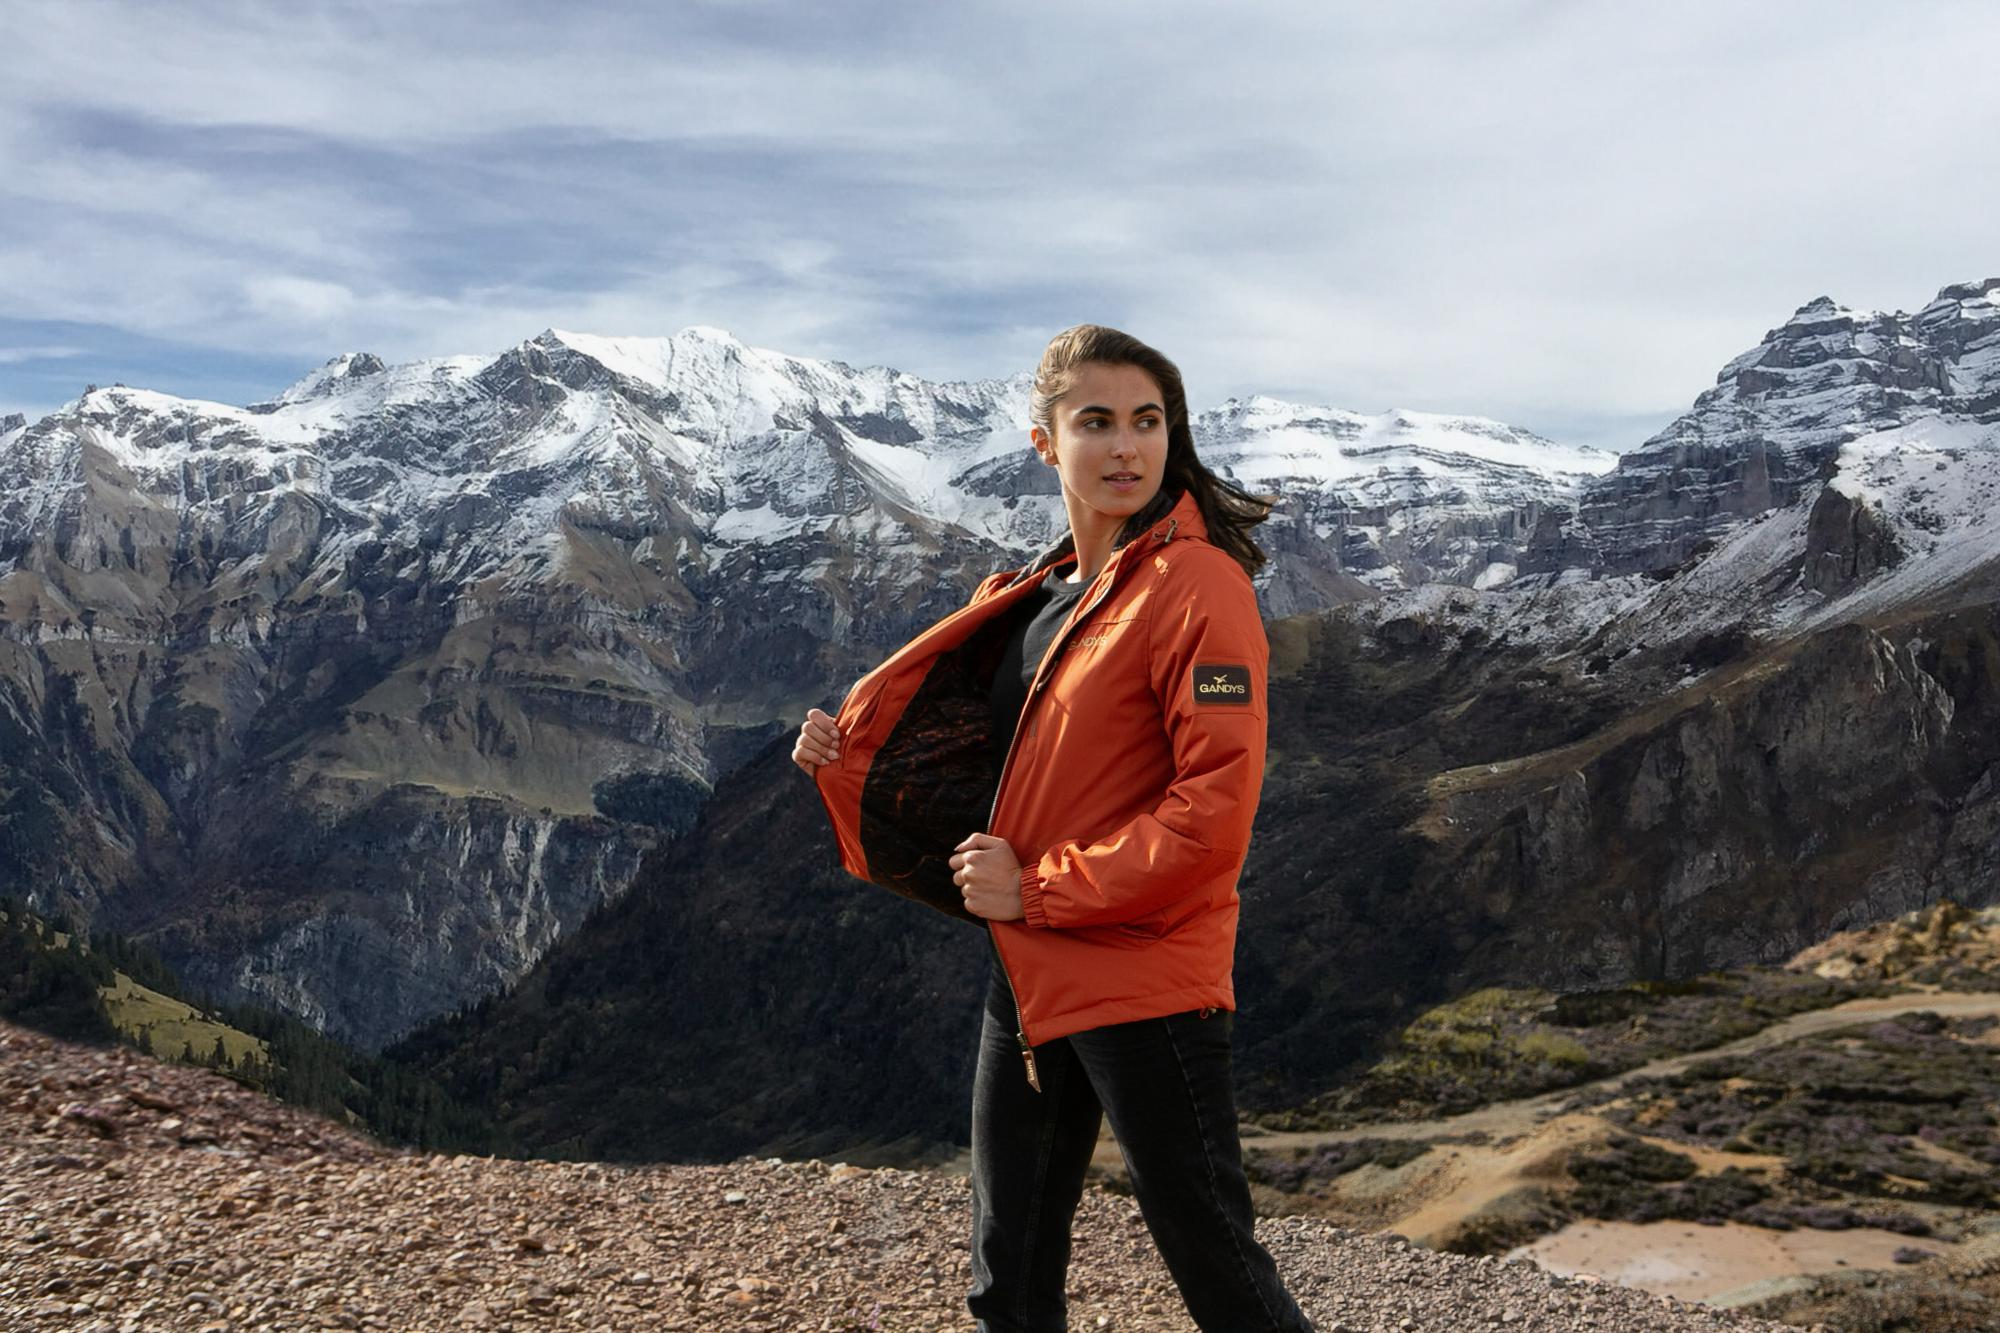 Gandys Alpine Padded Jacket